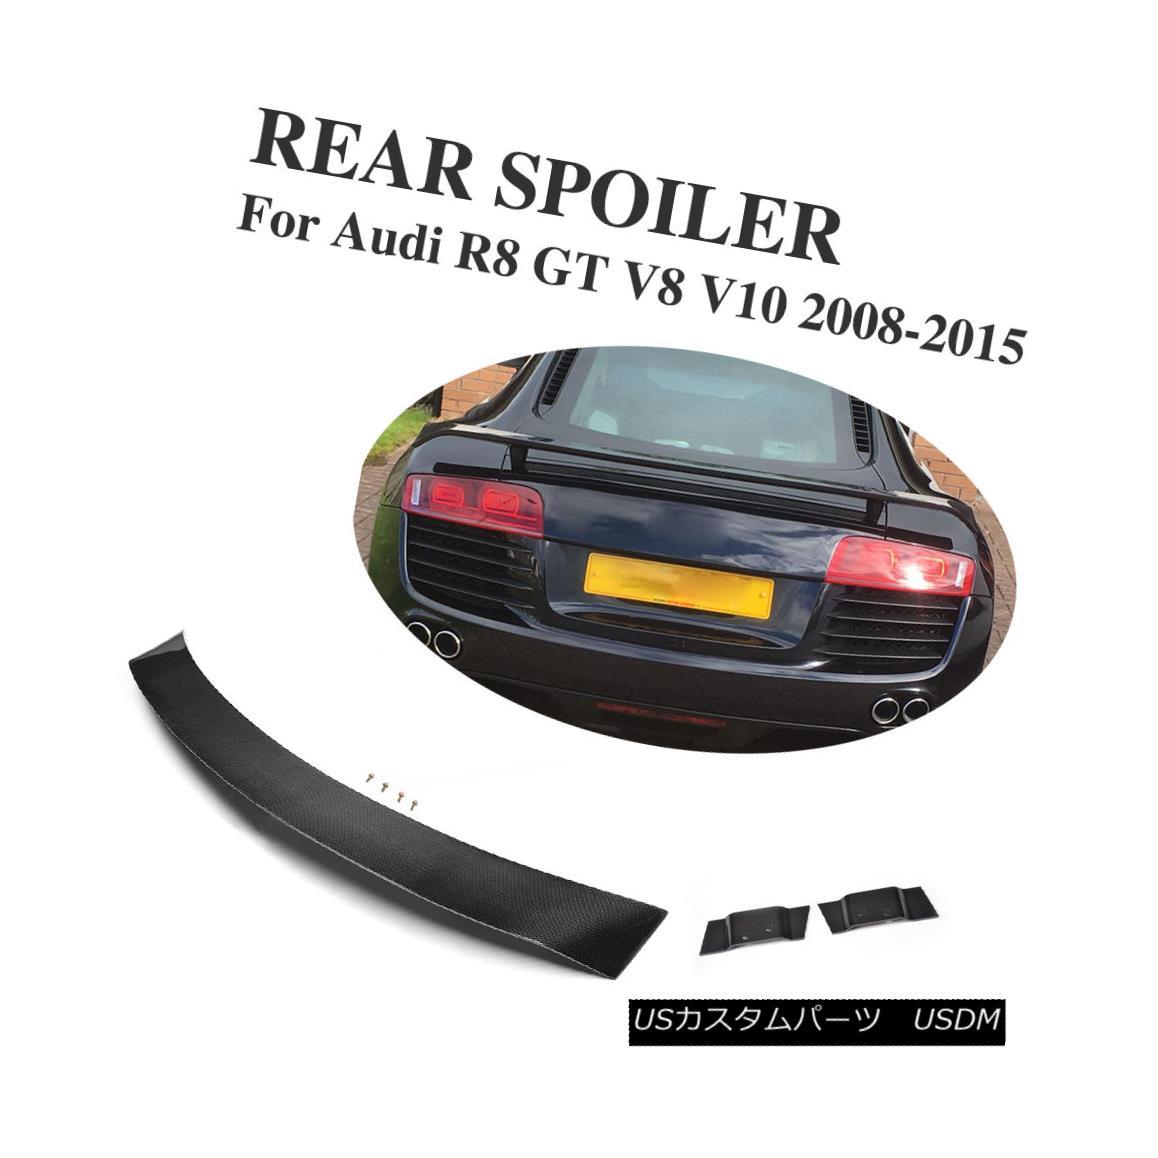 エアロパーツ Car Auto Rear Trunk Spoiler Wing Carbon Fiber Fit for Audi R8 GT V8 V10 2008-15 車のオートリアトランク・スポイラーウィング・カーボンファイバー・アウディR8 GT V8 V10 2008-15